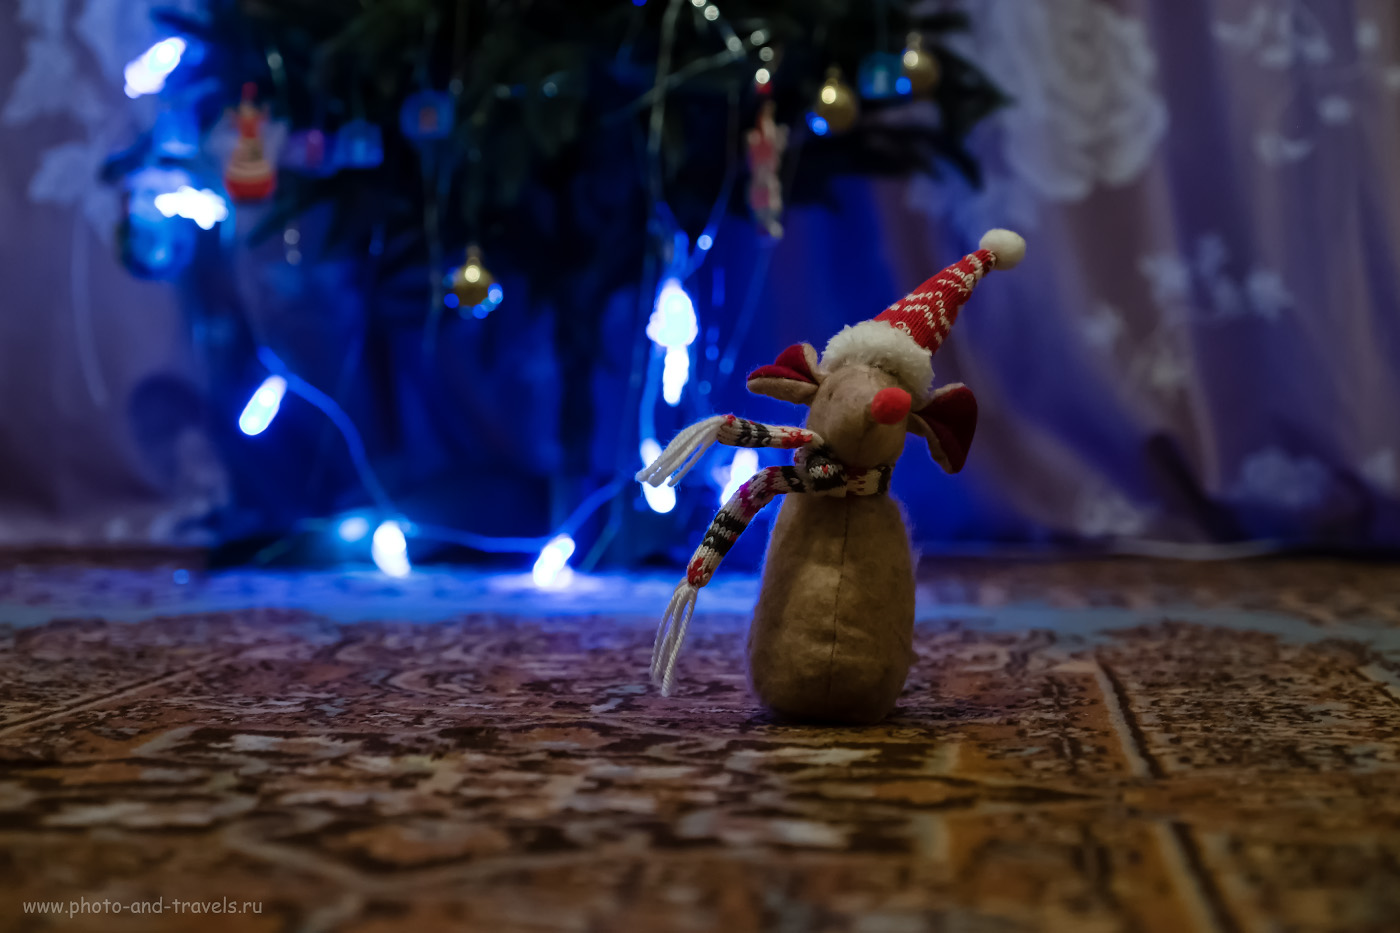 Фото 17. Если я не использую внешнюю вспышку, то от гирлянды на елке возникает волшебное свечение.